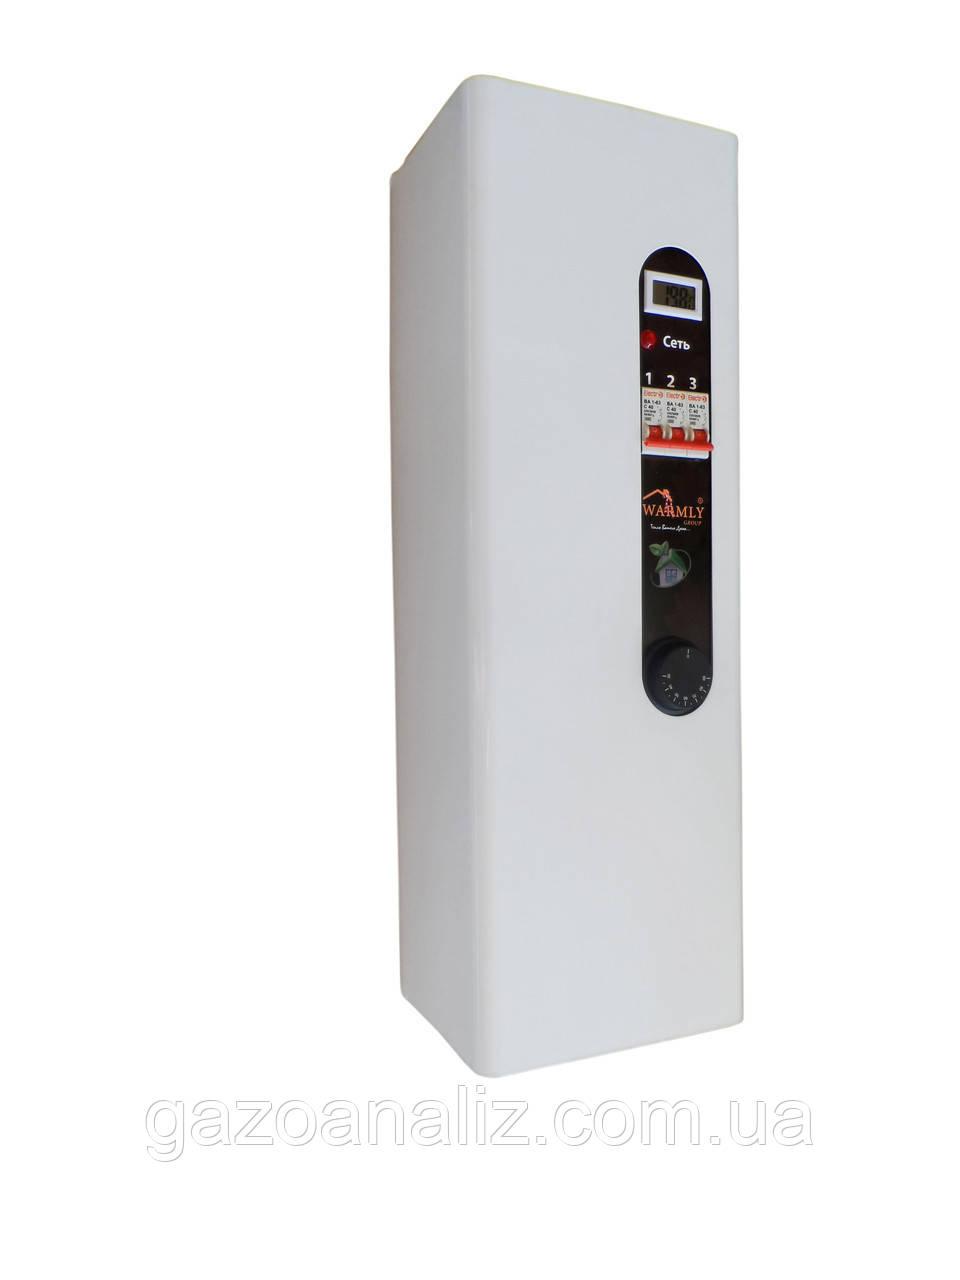 Электрокотел Warmly Classik Series 9 кВт 220/380в. Модульный контактор (т.х)